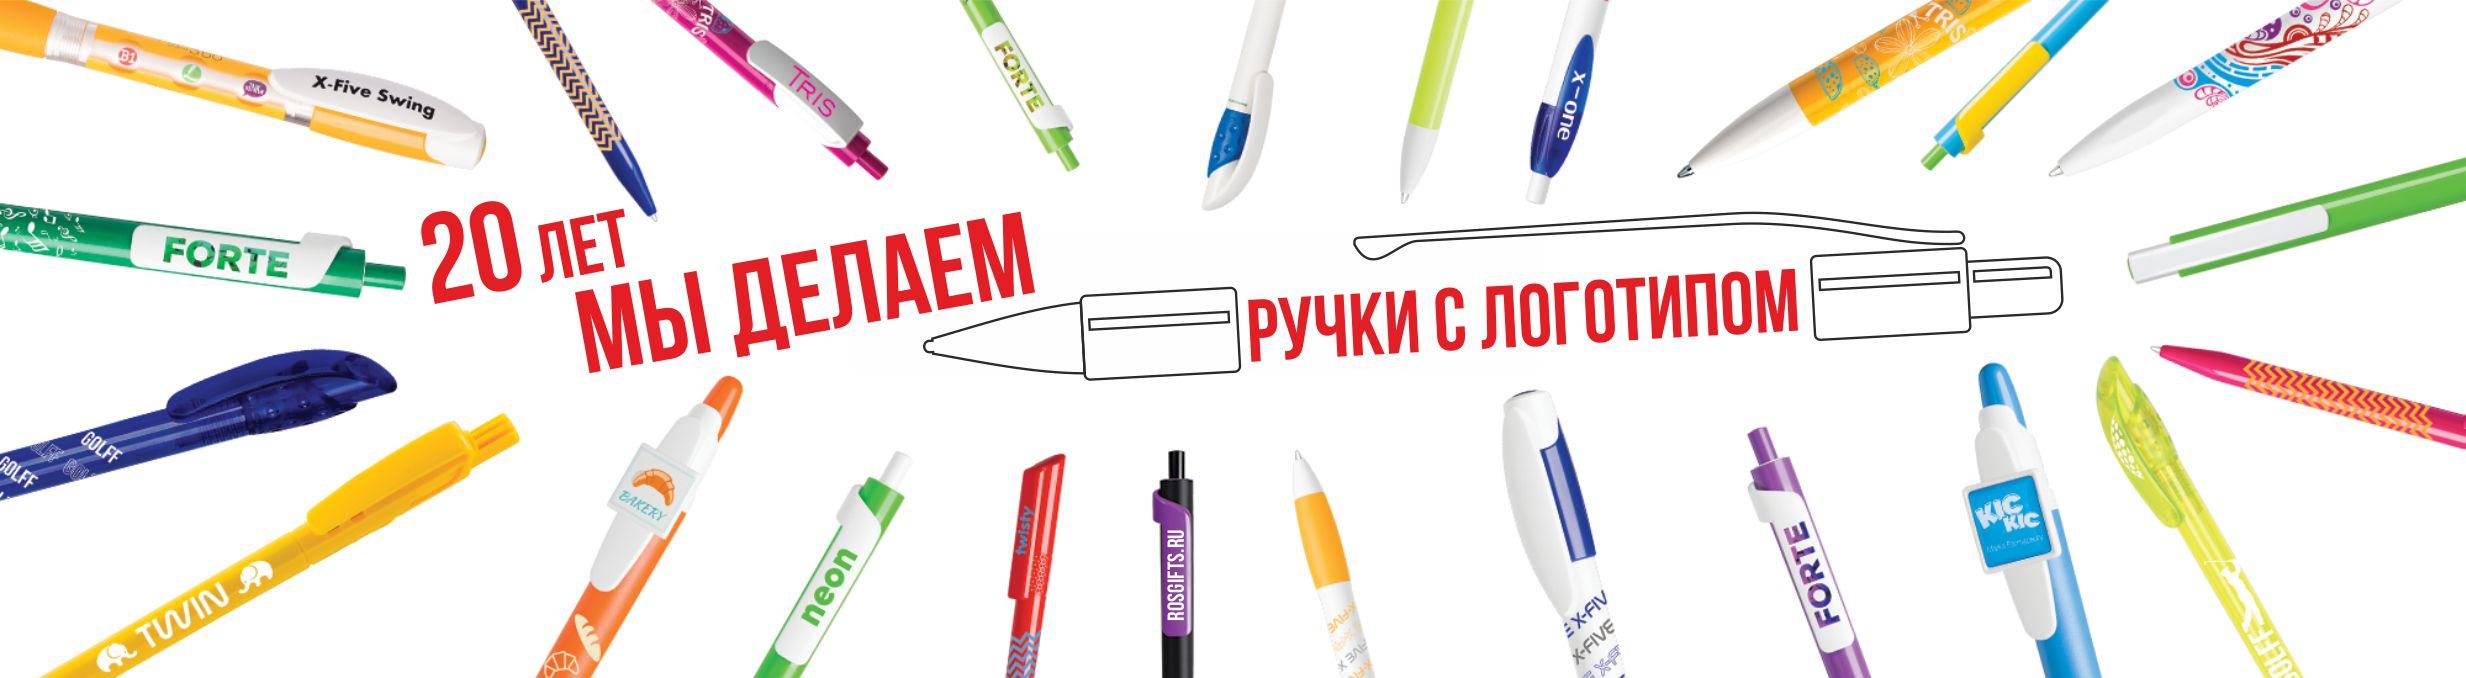 изготовление ручек с логотипом